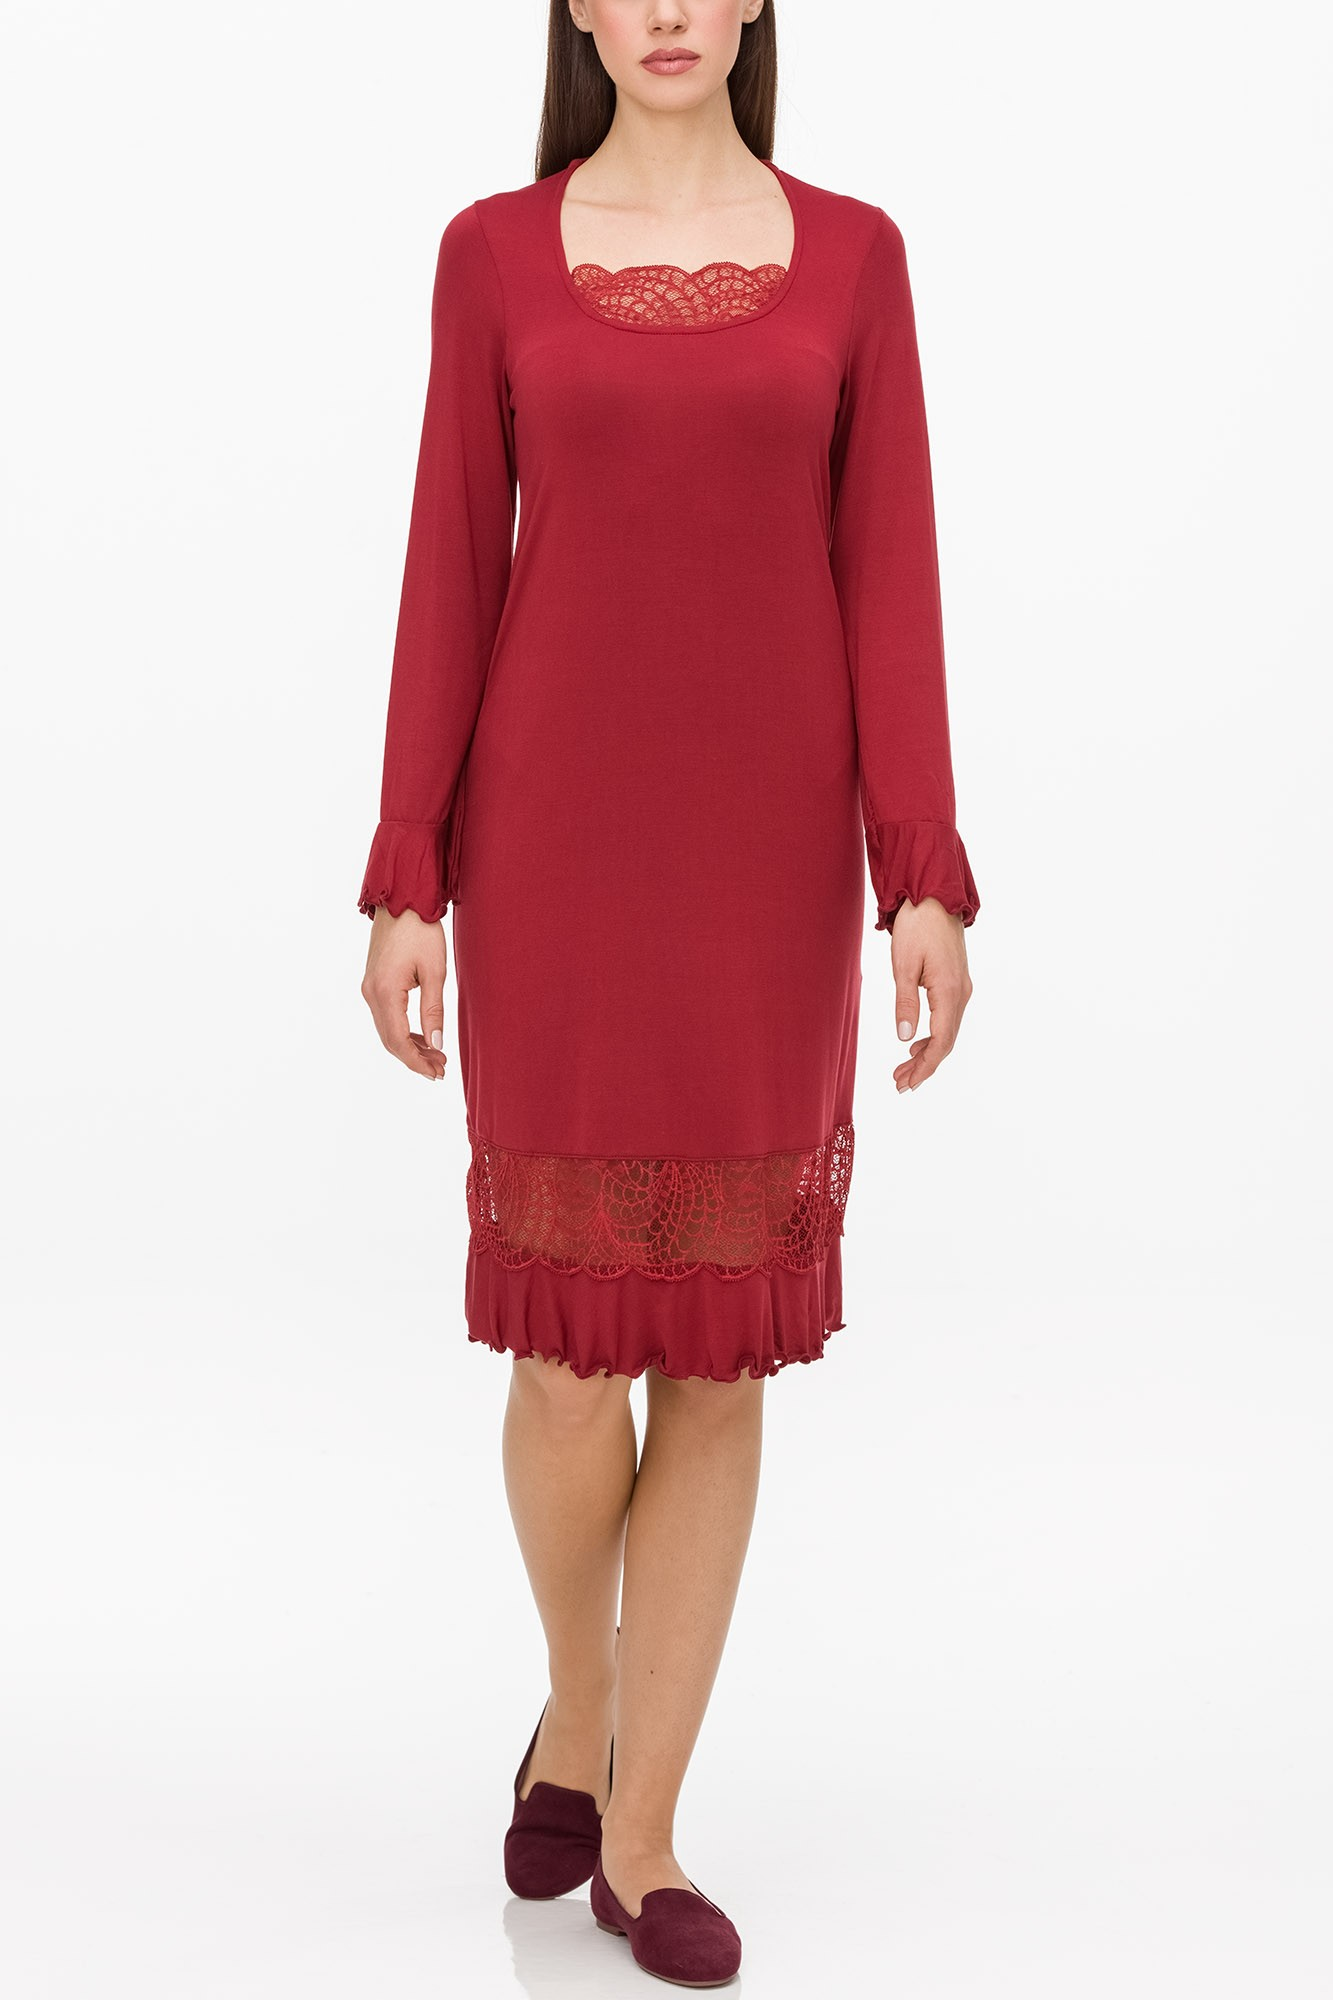 Vamp - Dámská noční košile s krajkou 11176 - Vamp red rhubarb xxl